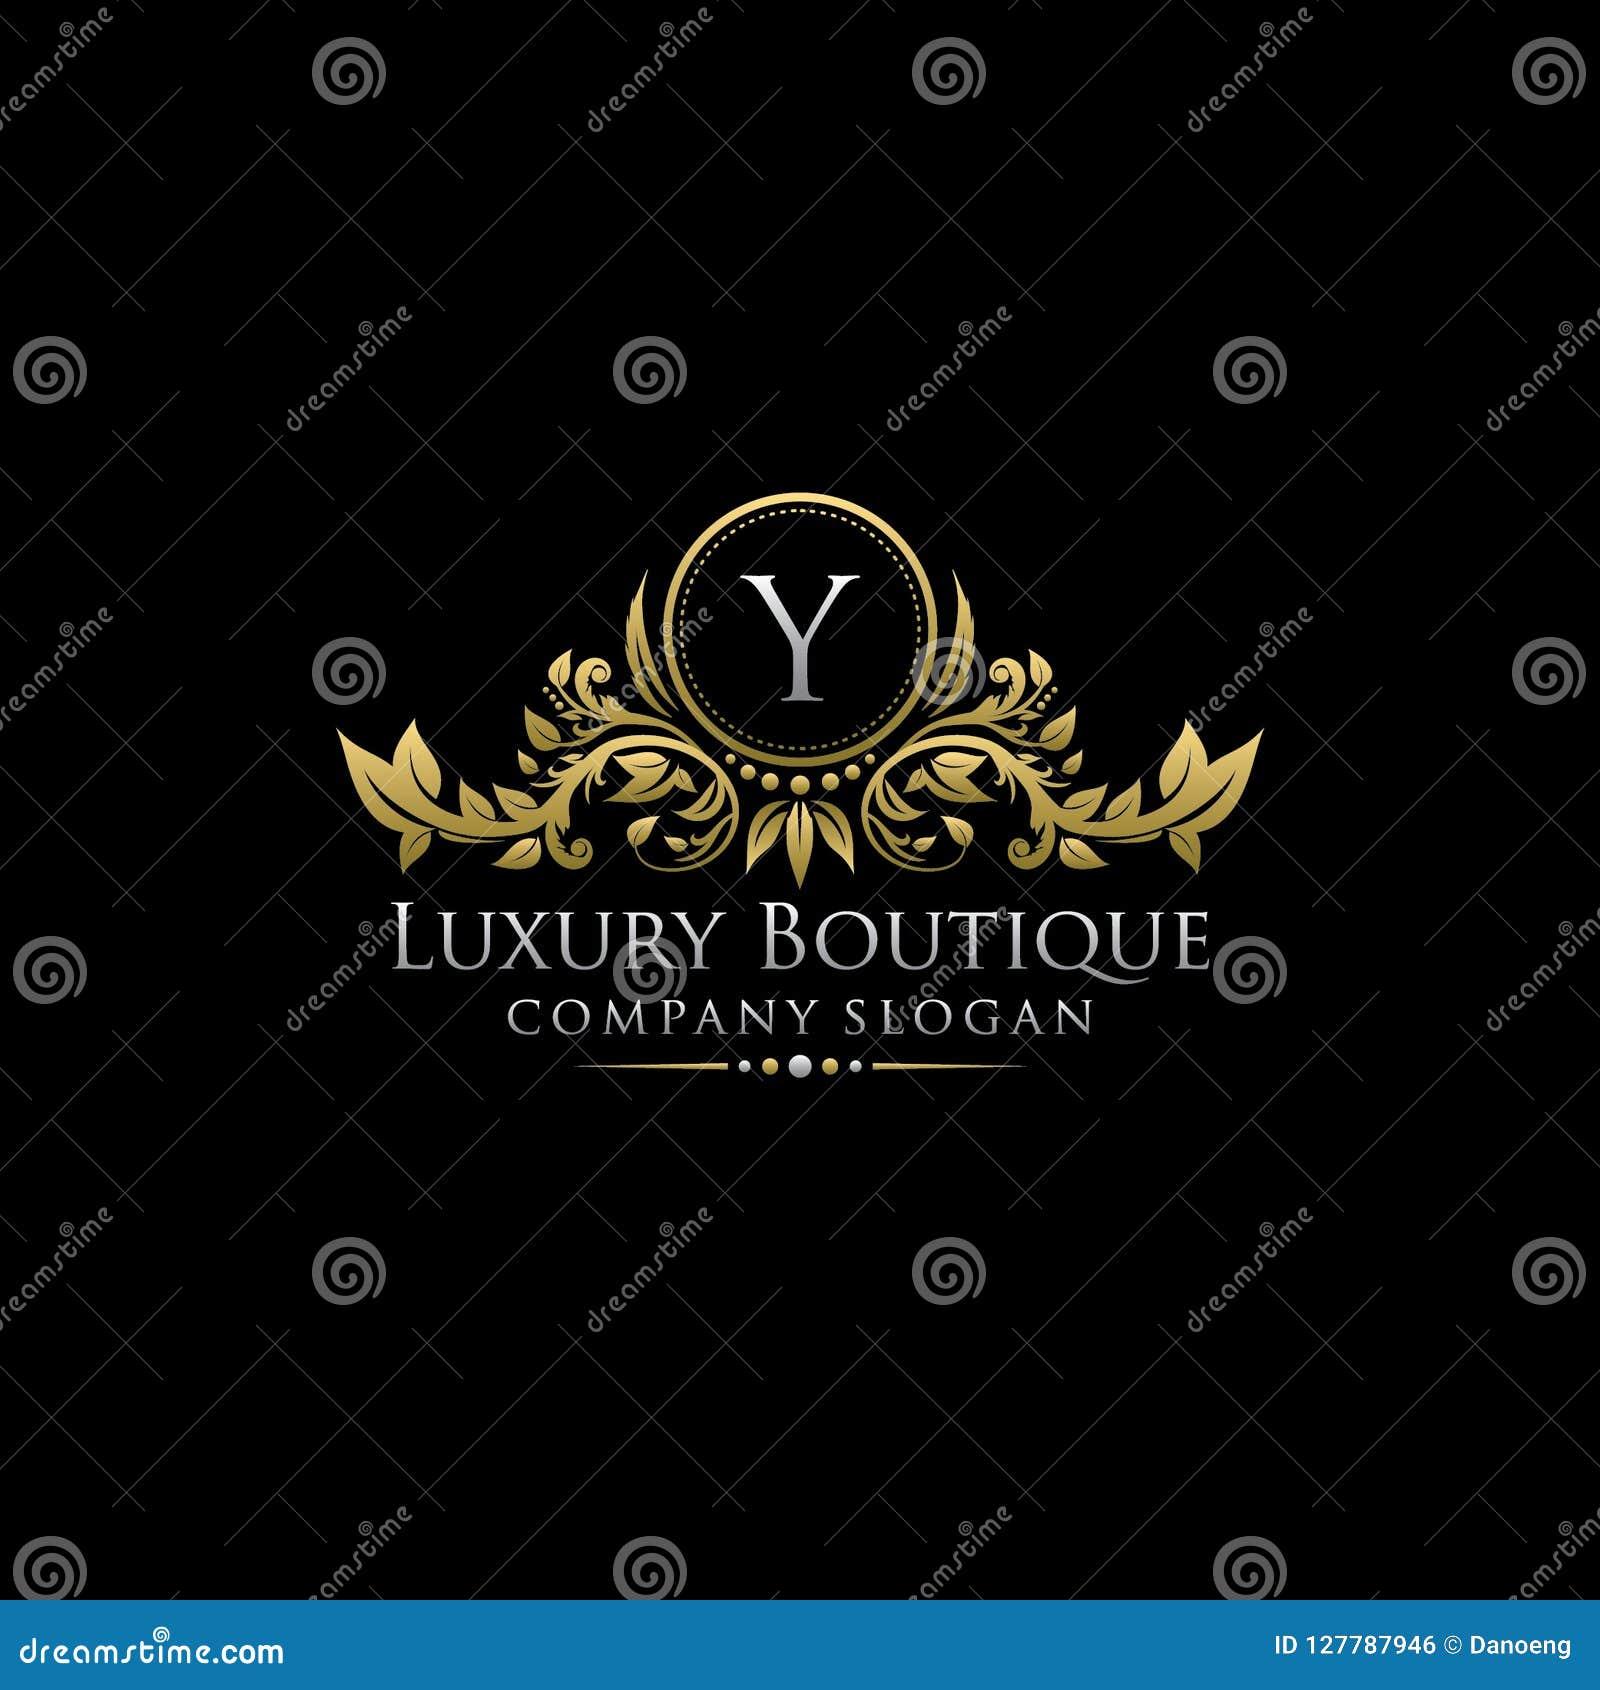 Χρυσό βασιλικό λογότυπο επιστολών μπουτίκ Υ πολυτέλειας